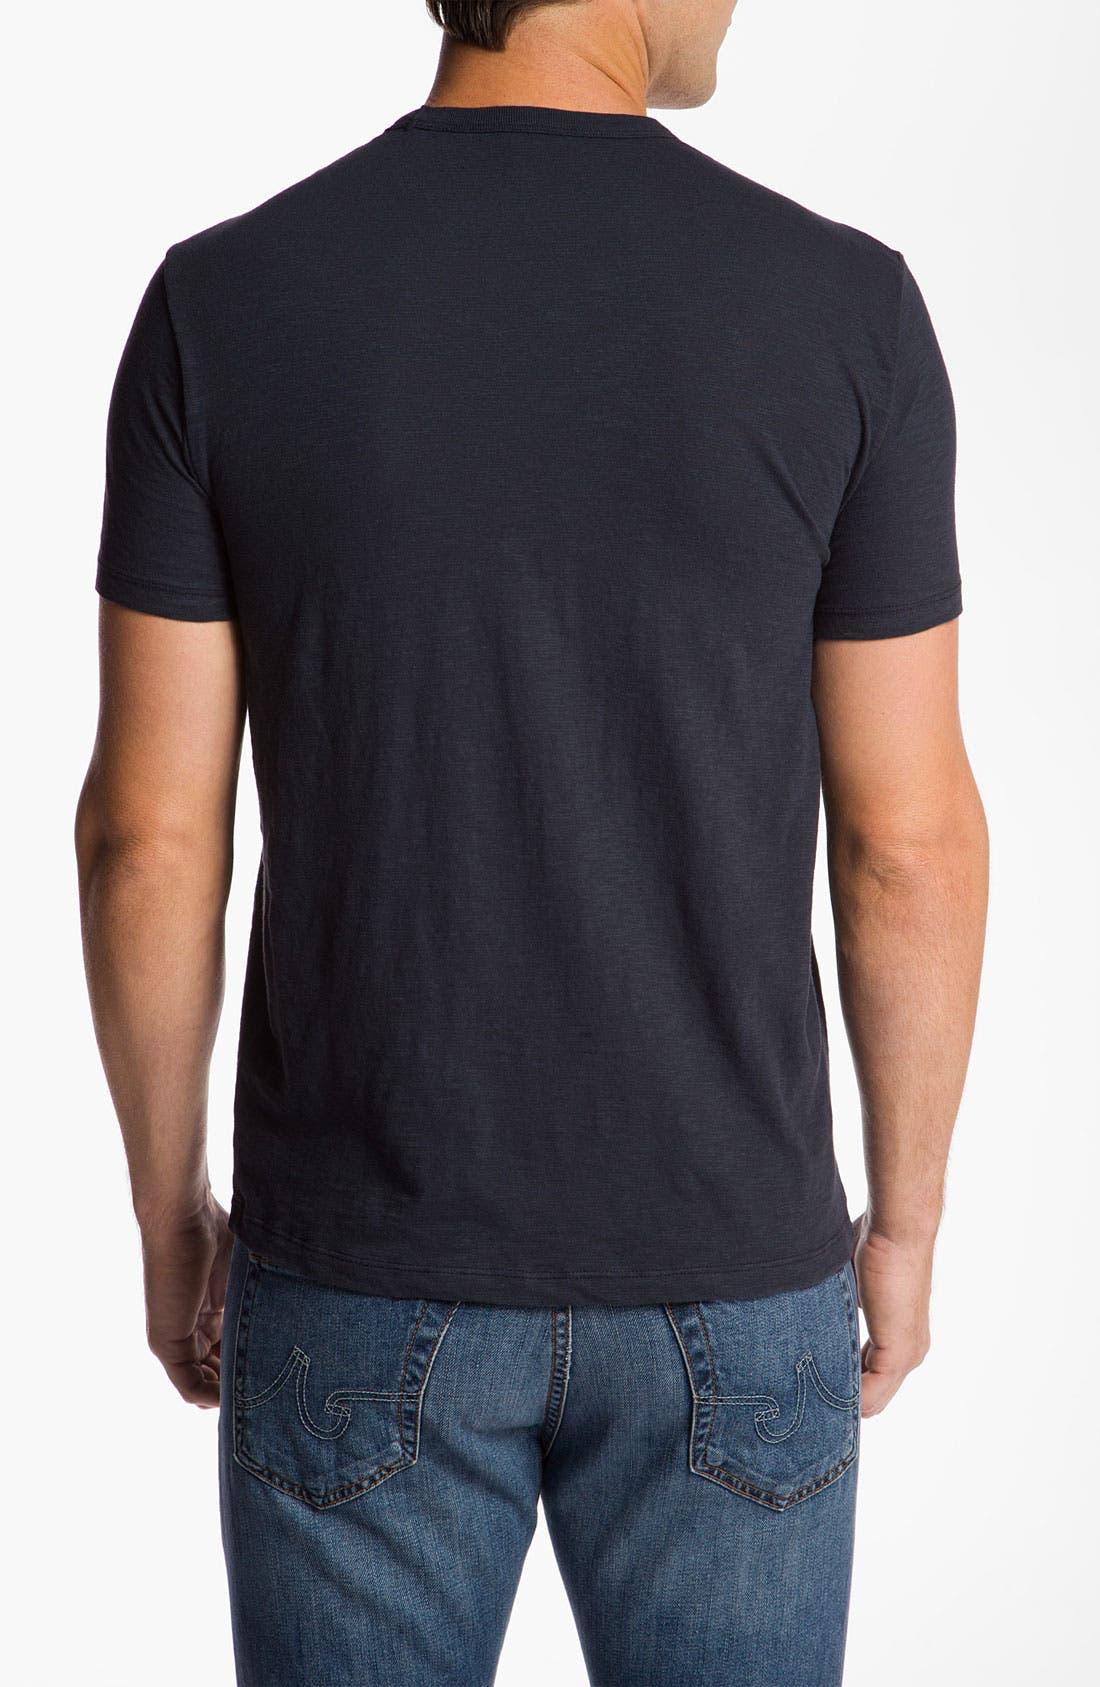 Alternate Image 2  - Banner 47 'Chicago Bears' T-Shirt